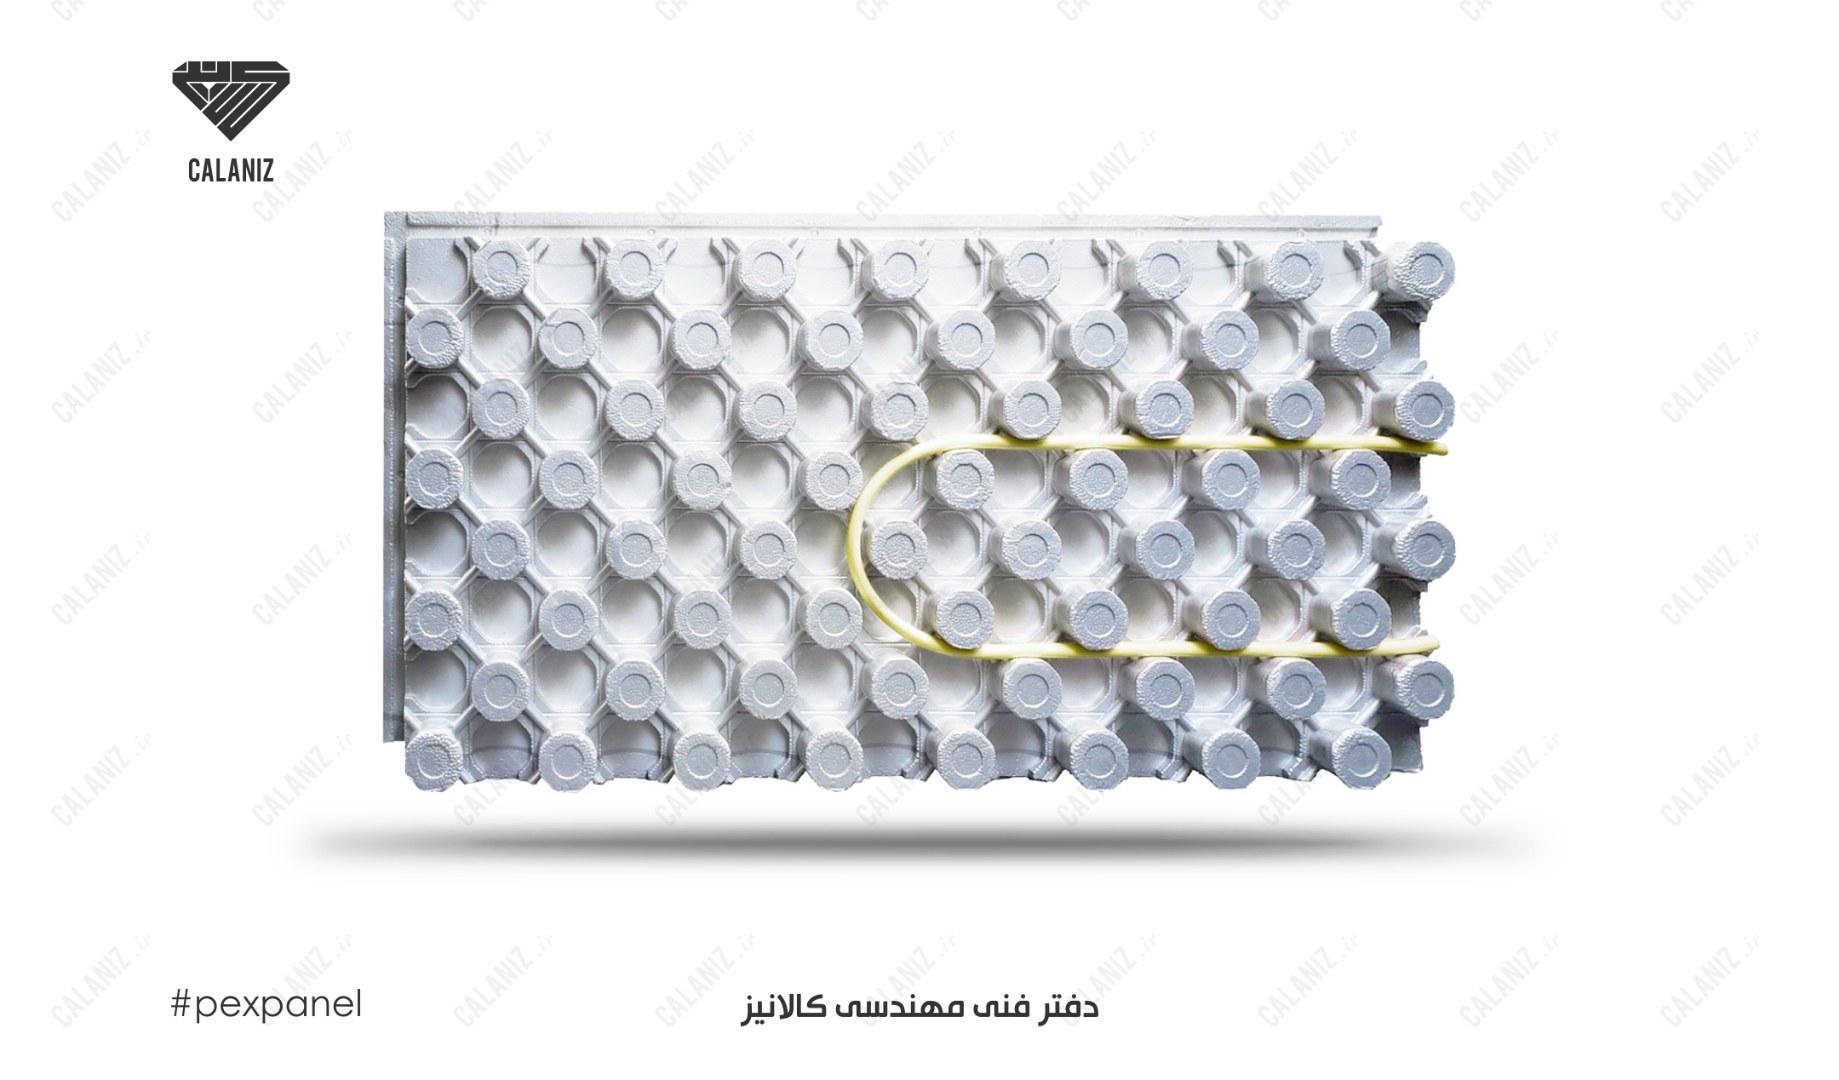 #فوم #شانه_تخم_مرغی #گرمایش_از_کف #عایق #عایق_حرارتی #لوله #پنج_لایه #گرمایش #کالانیز #یونولیت #پلی_استایرن #calaniz